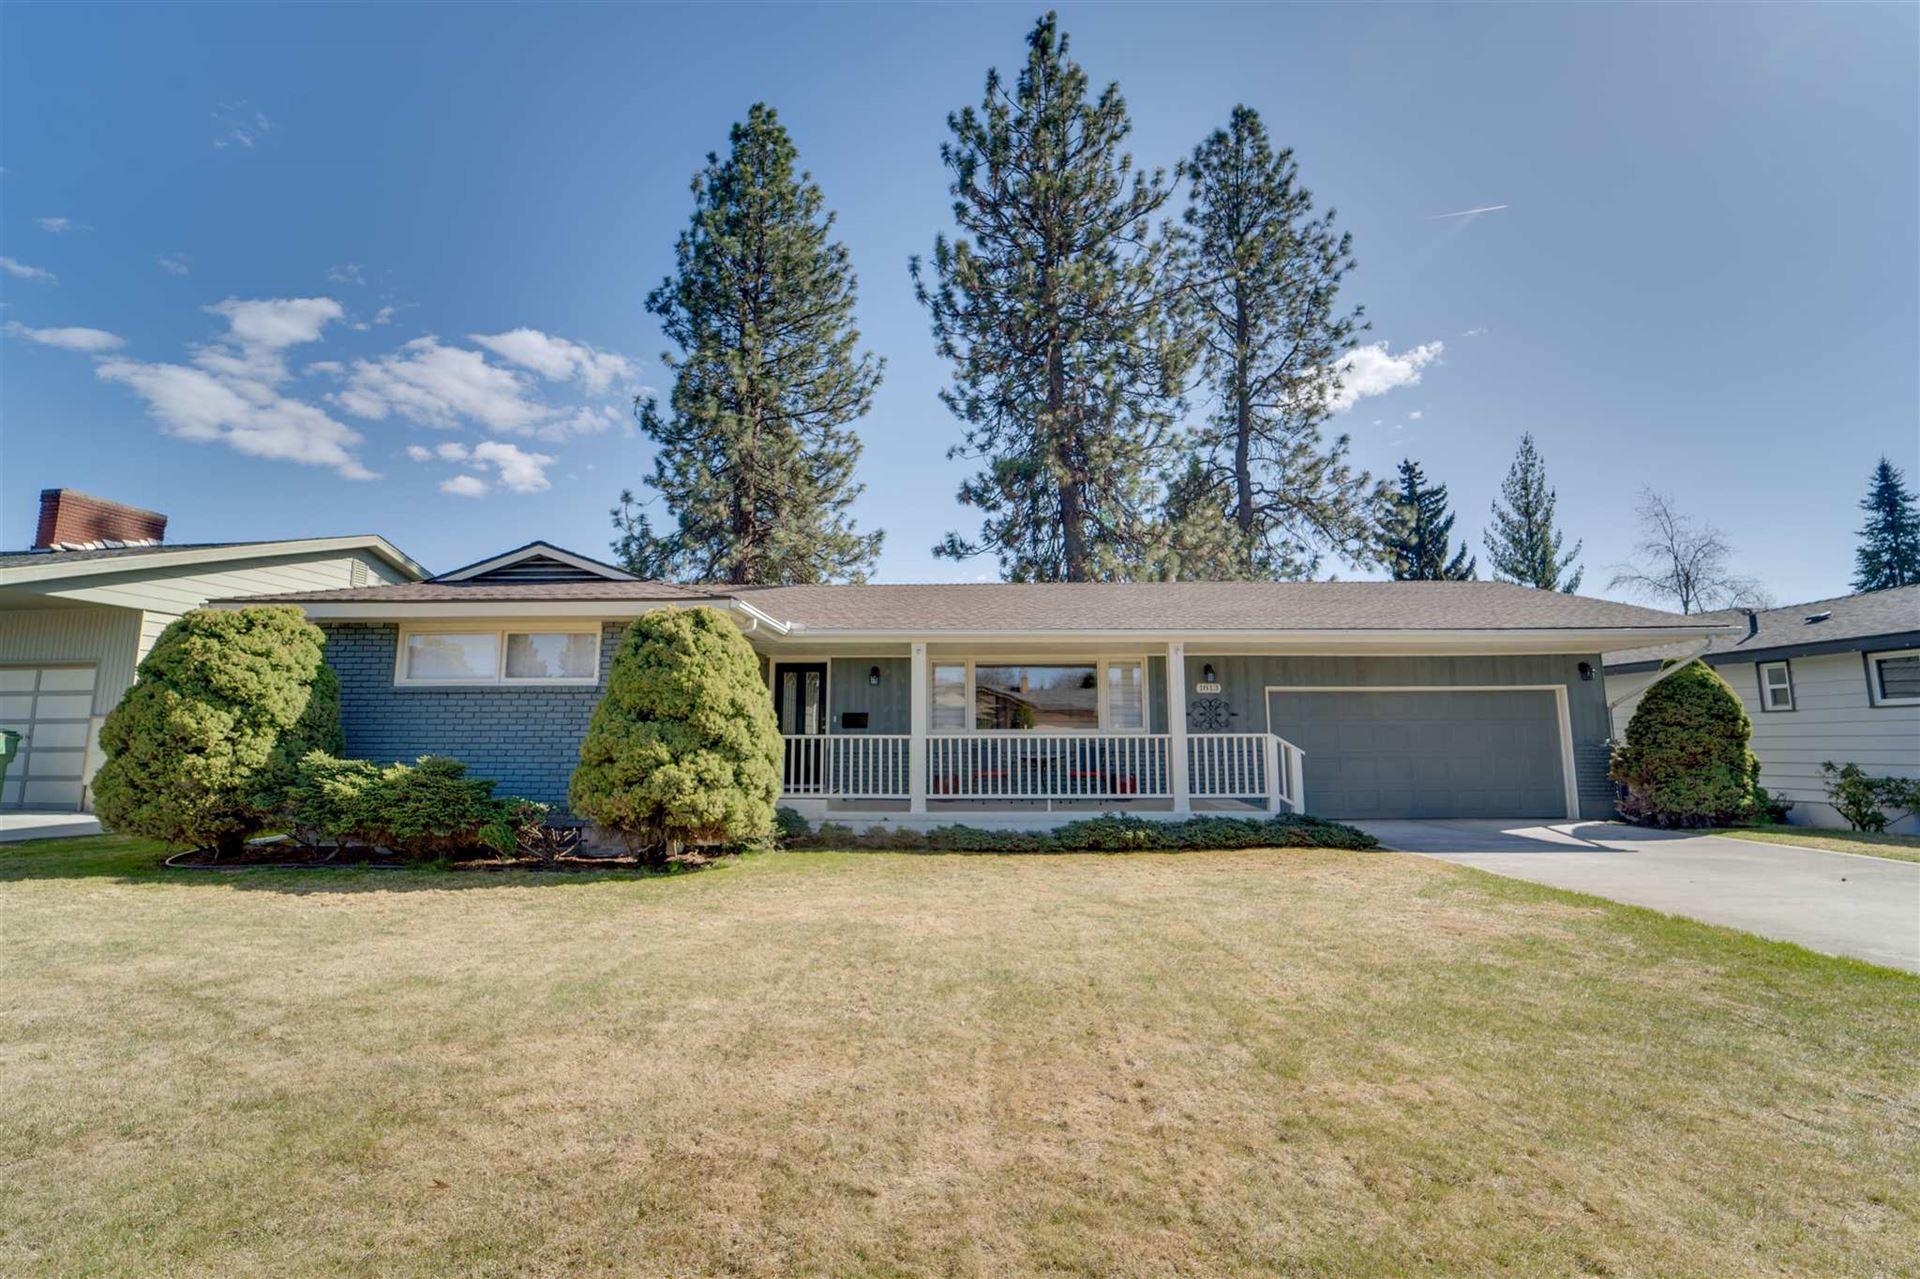 1813 W Gordon Ave, Spokane, WA 99205 - #: 202114169